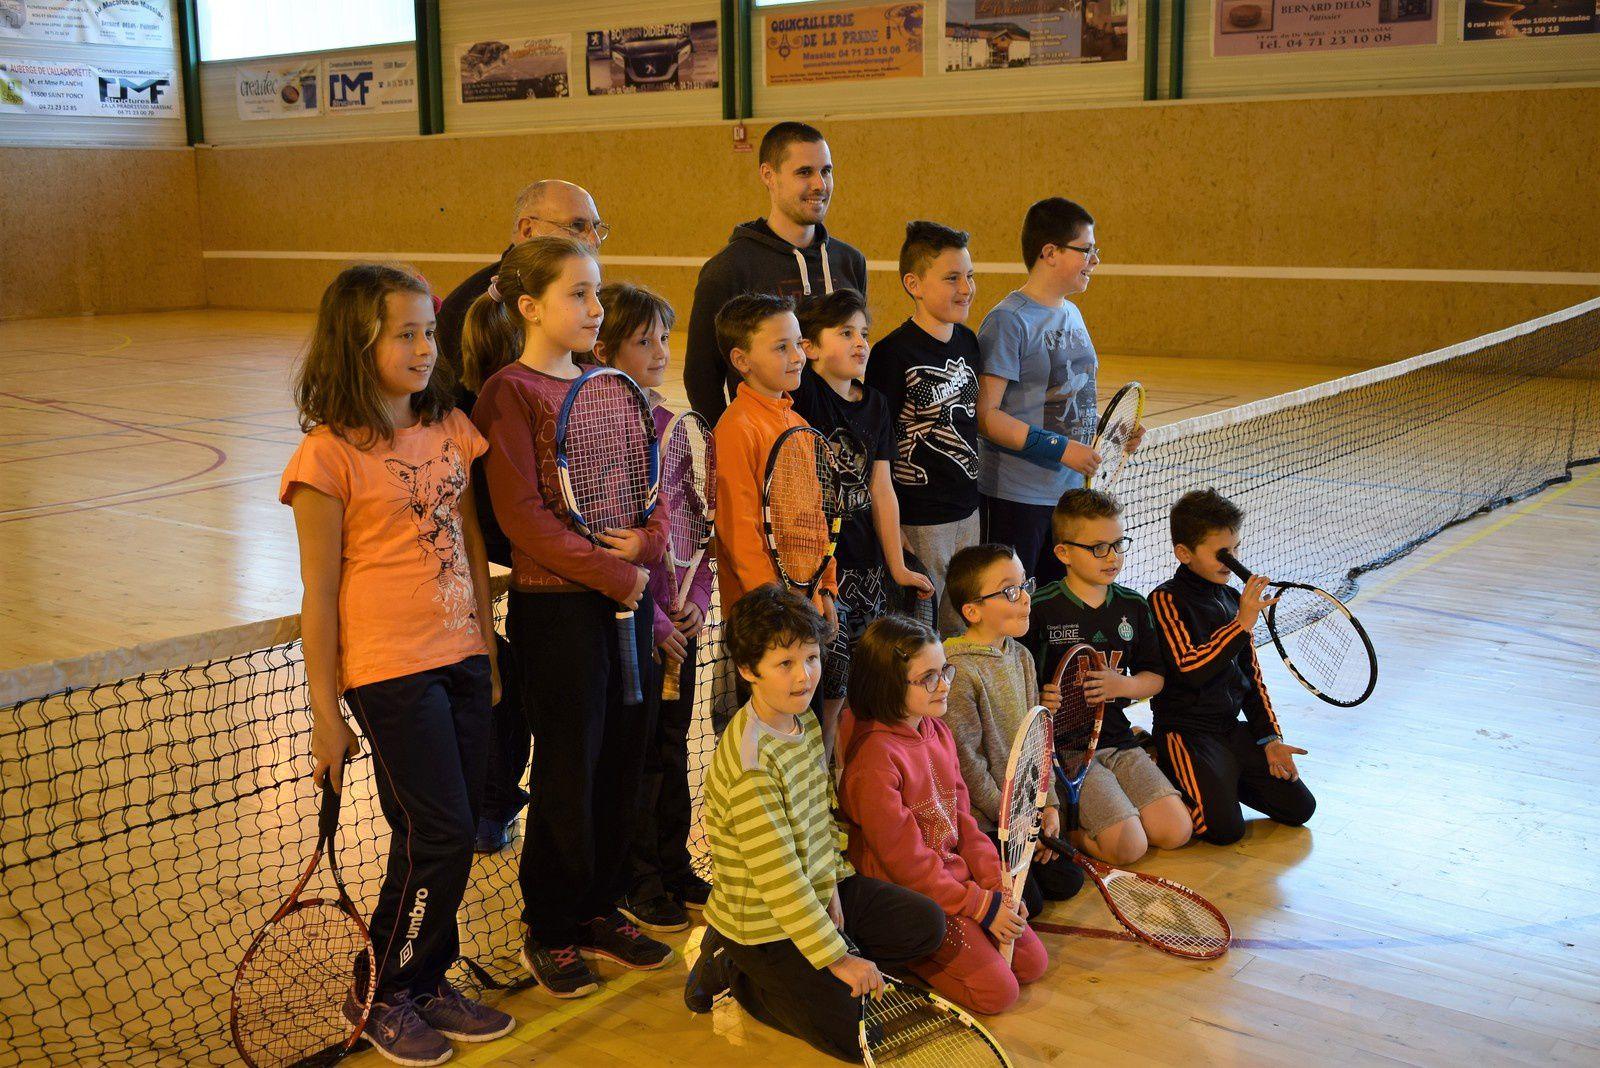 Massiac : les jeunes du club de judo sont récompensés